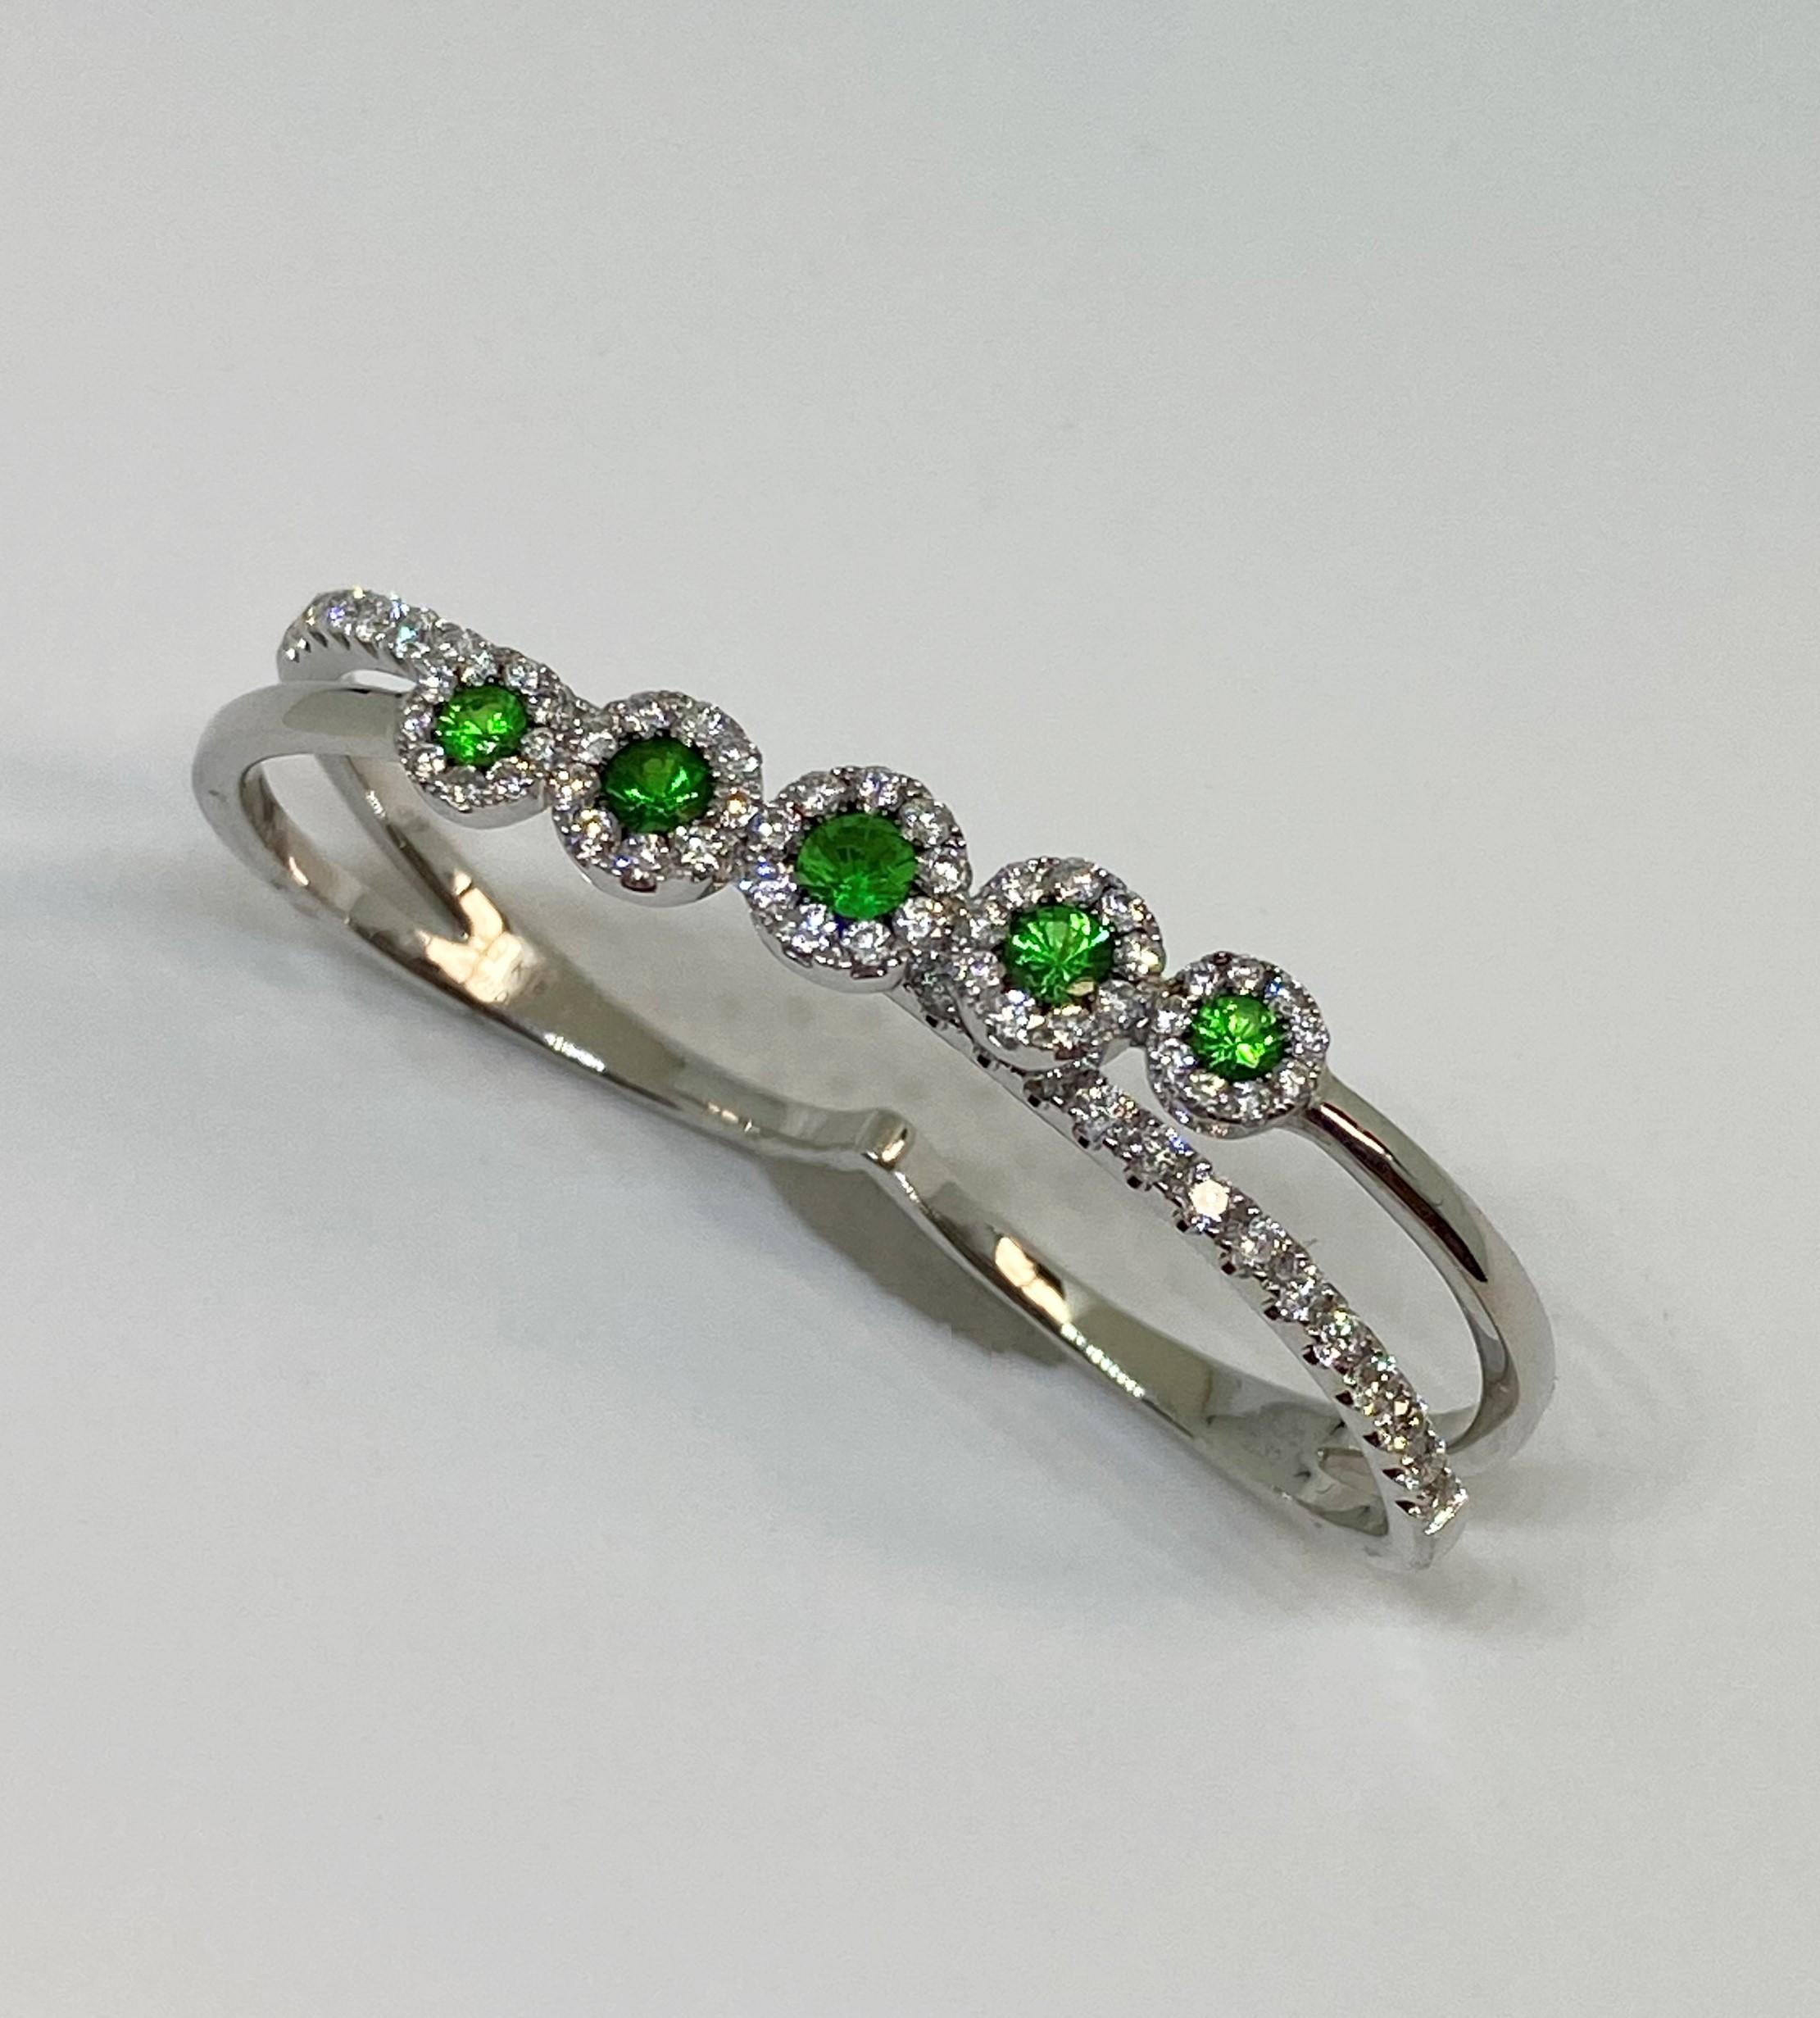 Green Garnet Double Finger Ring In White Gold